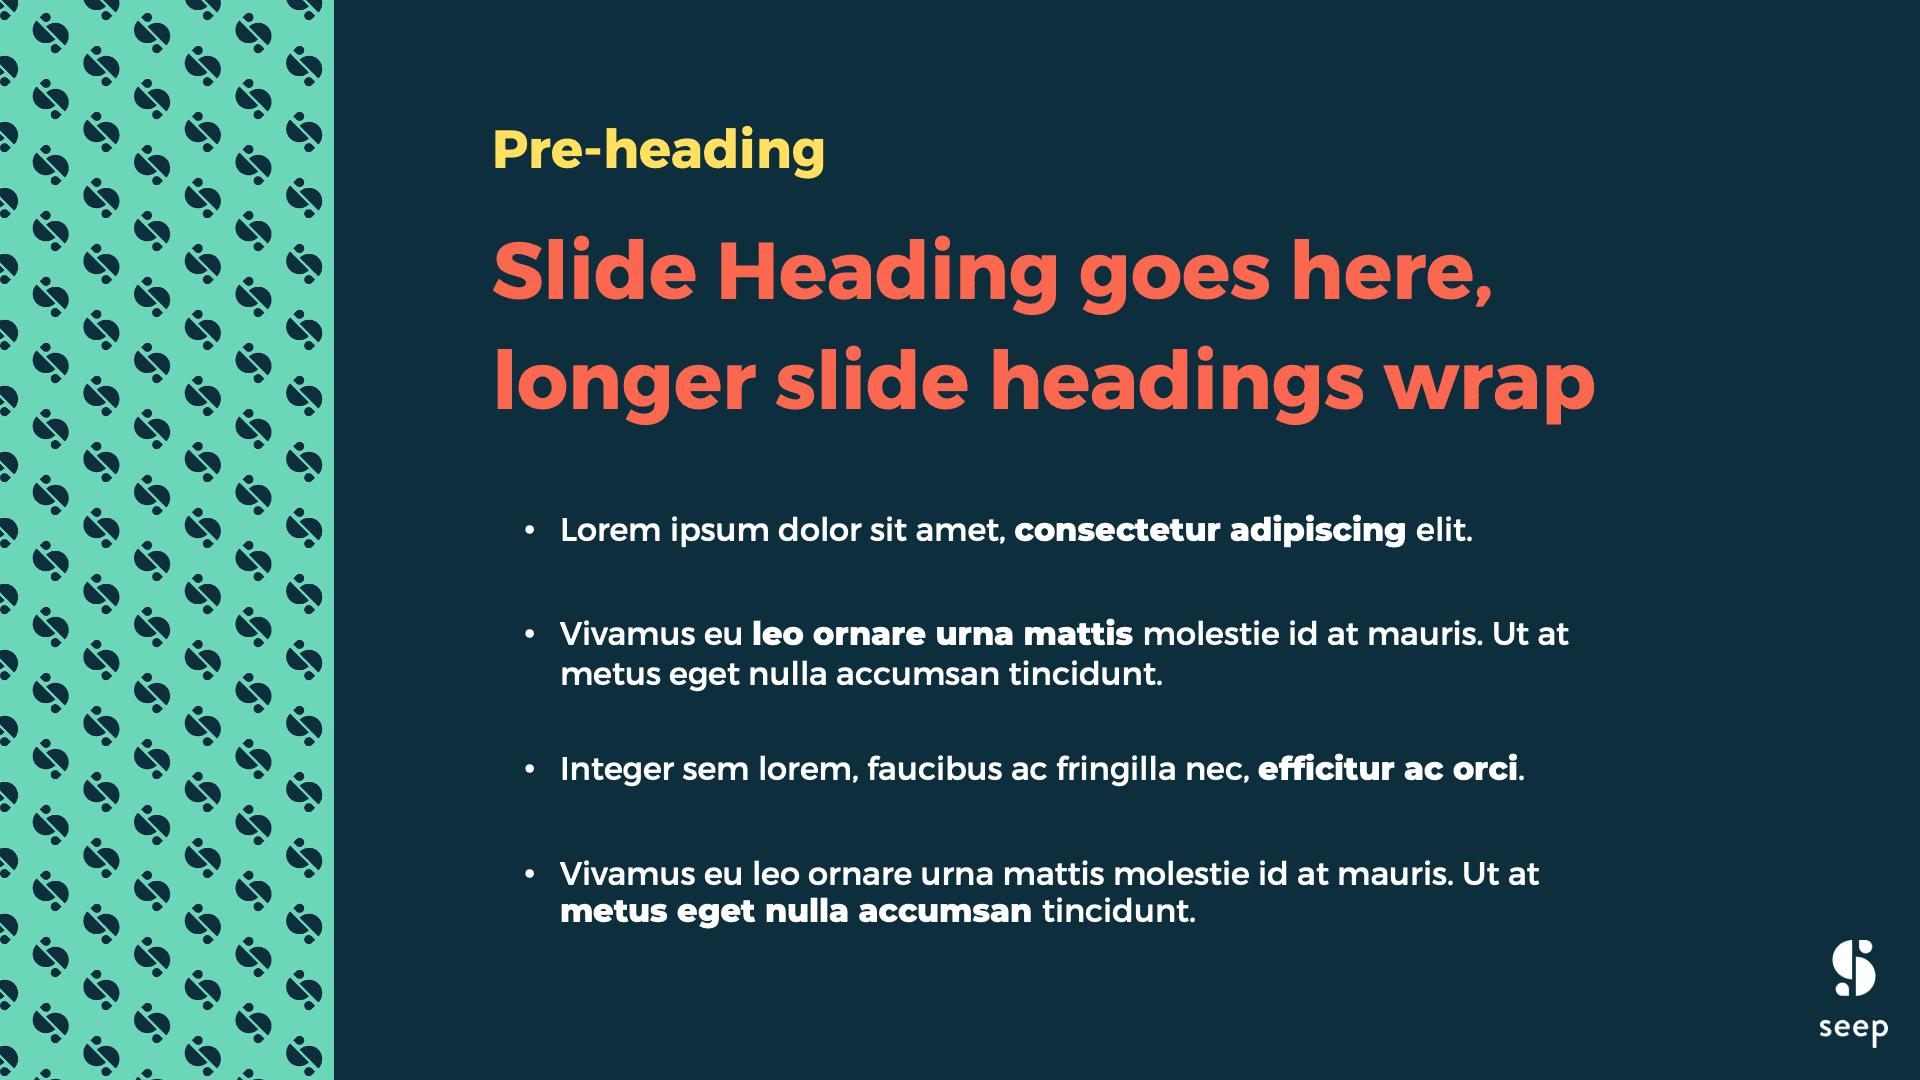 Seep presentation deck slide design